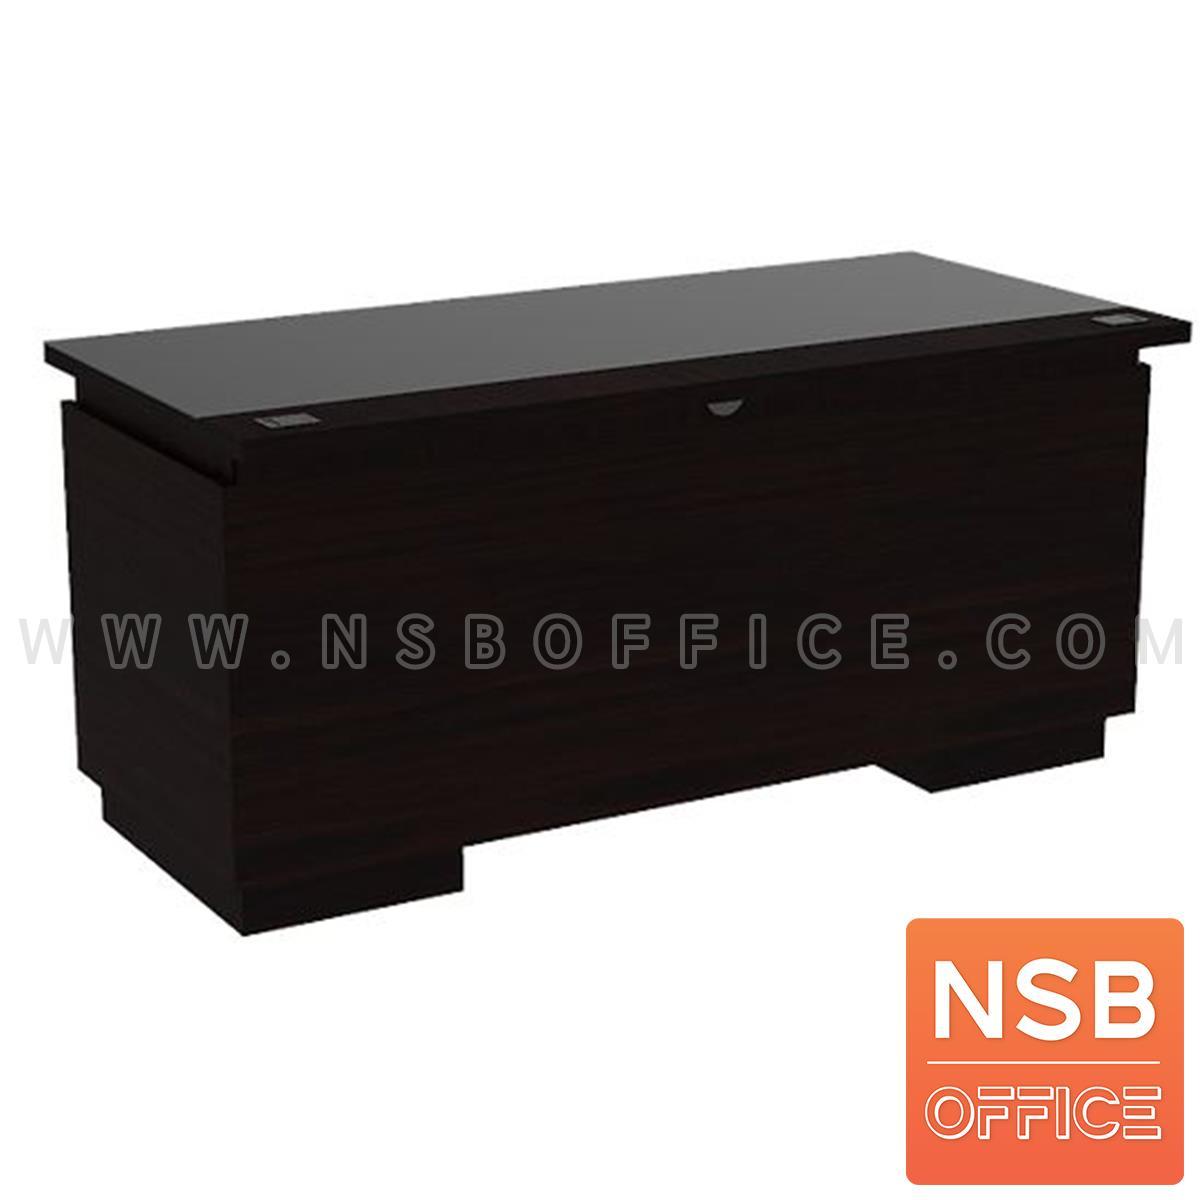 โต๊ะทำงานไม้ 2 ลิ้นชัก 2 บานเปิด รุ่น Tiffar (ทิฟฟาร์) ขนาด 160W*75D cm. ท็อปกระจกสีชา พร้อมรางคีย์บอร์ด